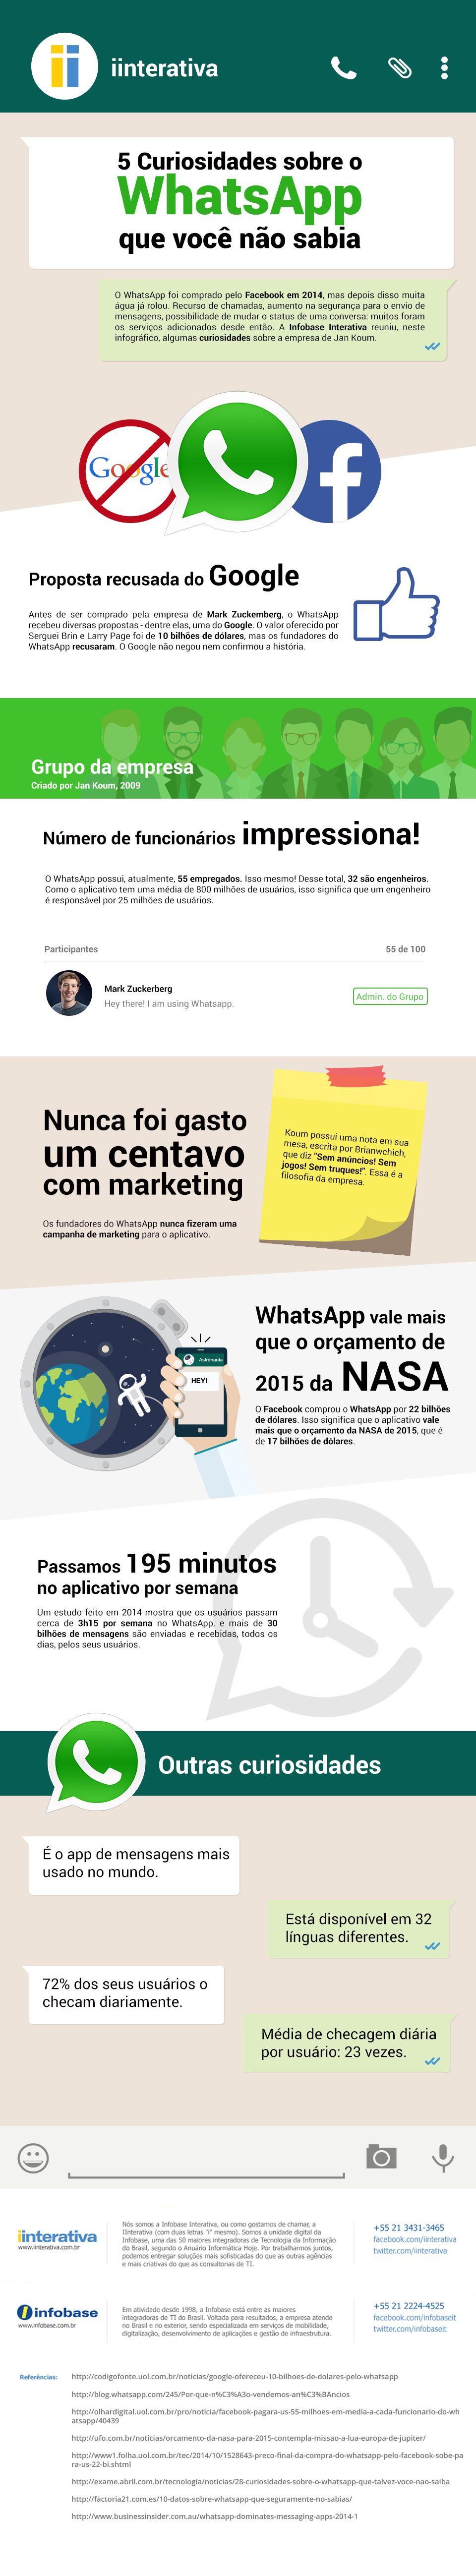 Infográfico 5 curiosidades sobre o WhatsApp que você não